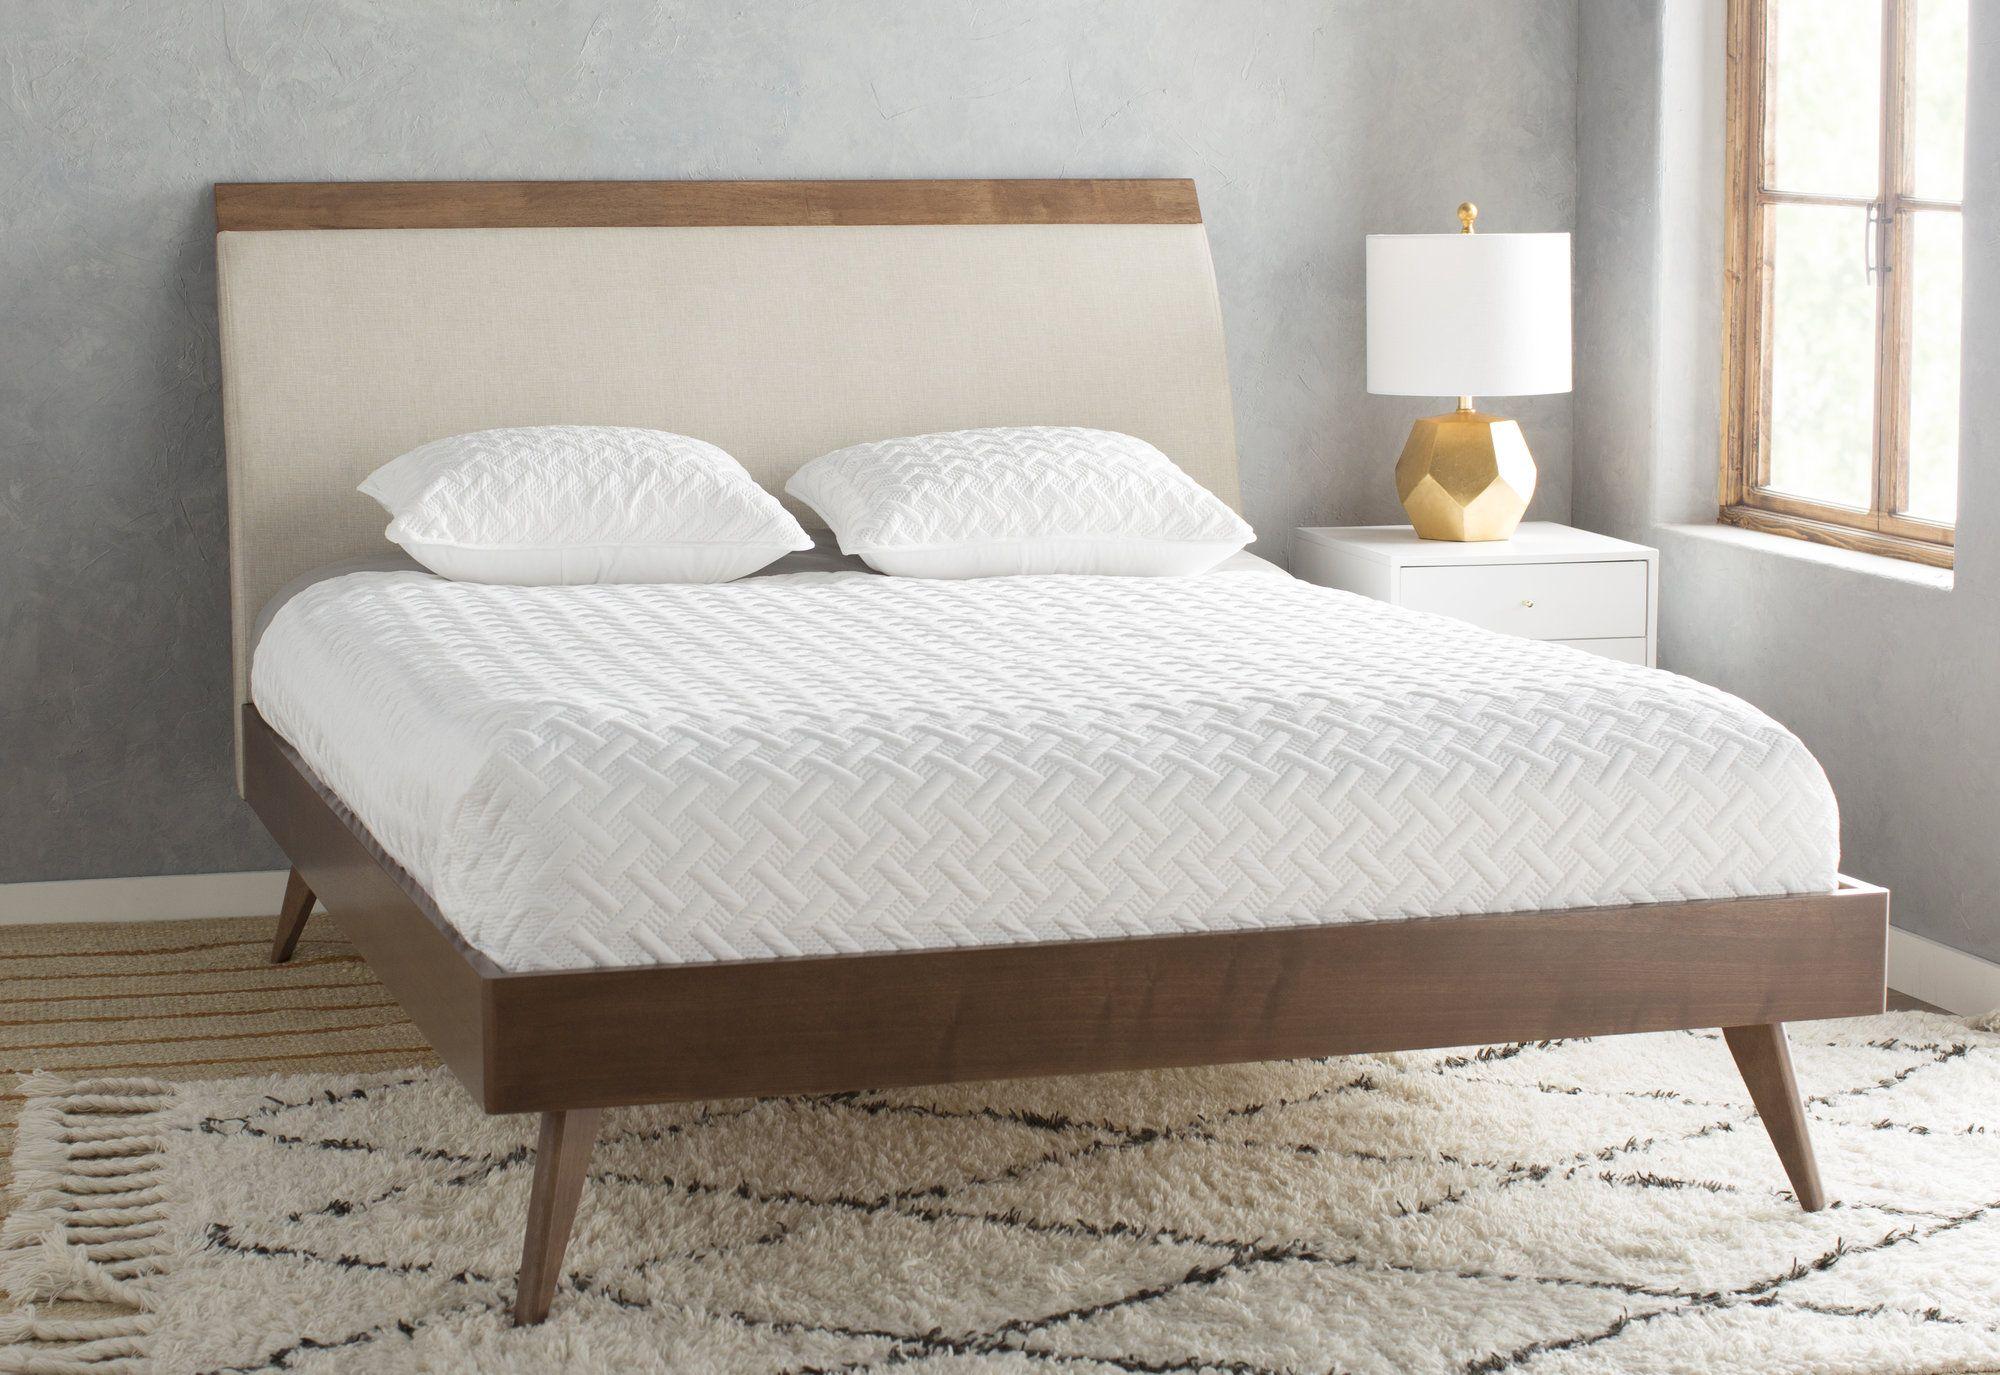 Leominster Upholstered Platform Bed Adjustable beds